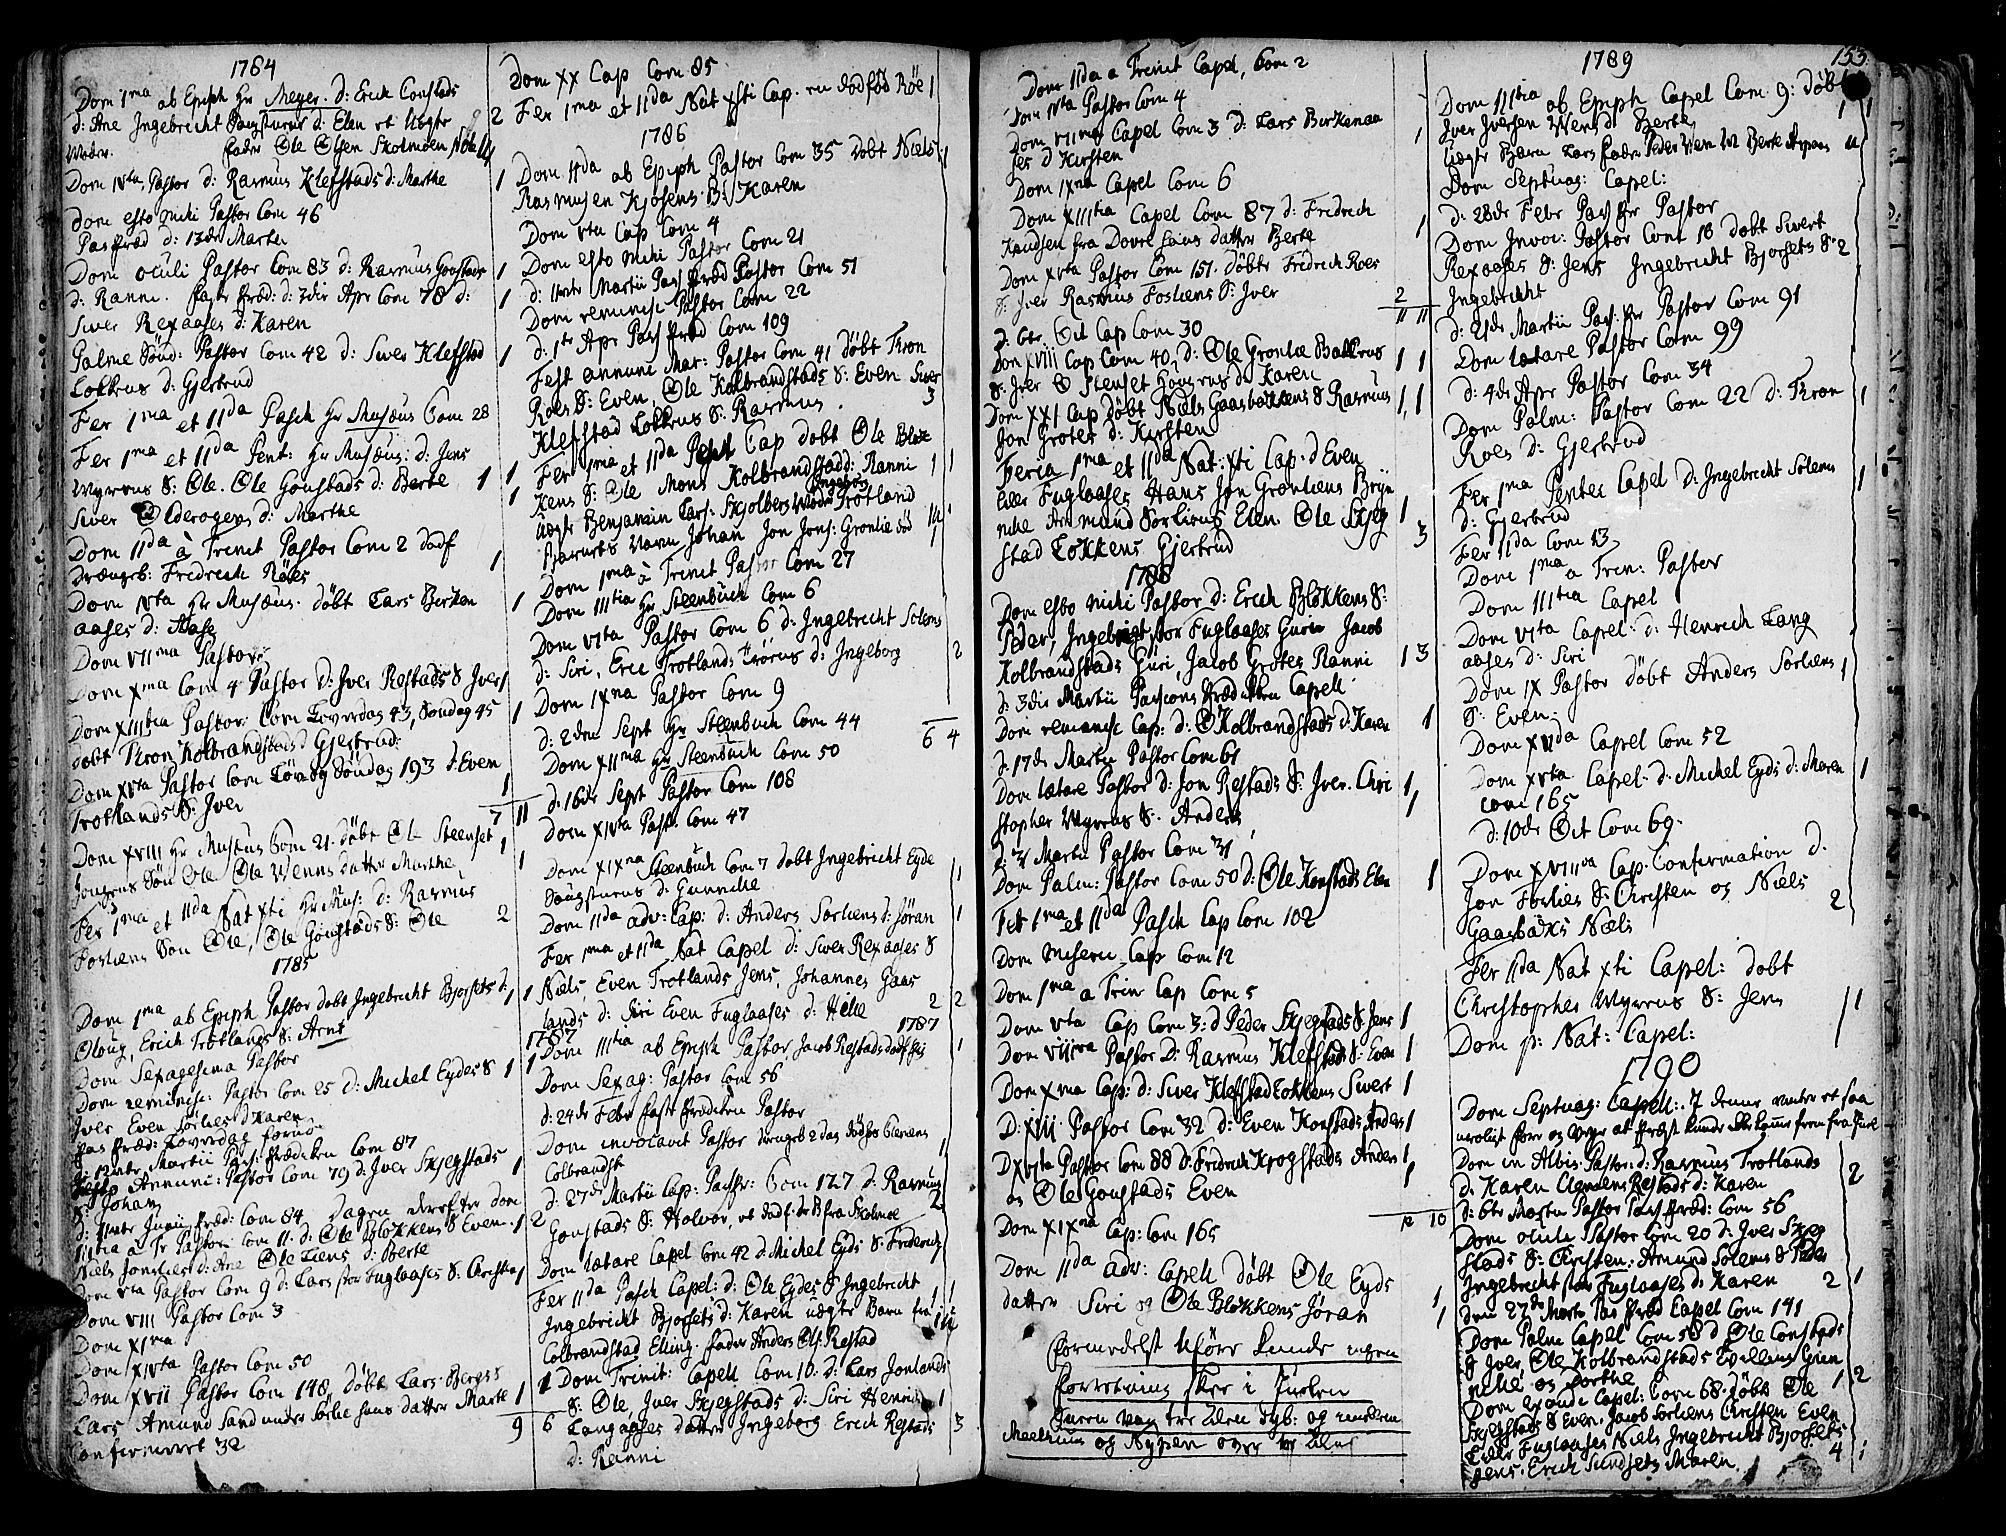 SAT, Ministerialprotokoller, klokkerbøker og fødselsregistre - Sør-Trøndelag, 691/L1064: Ministerialbok nr. 691A02 /4, 1768-1815, s. 153